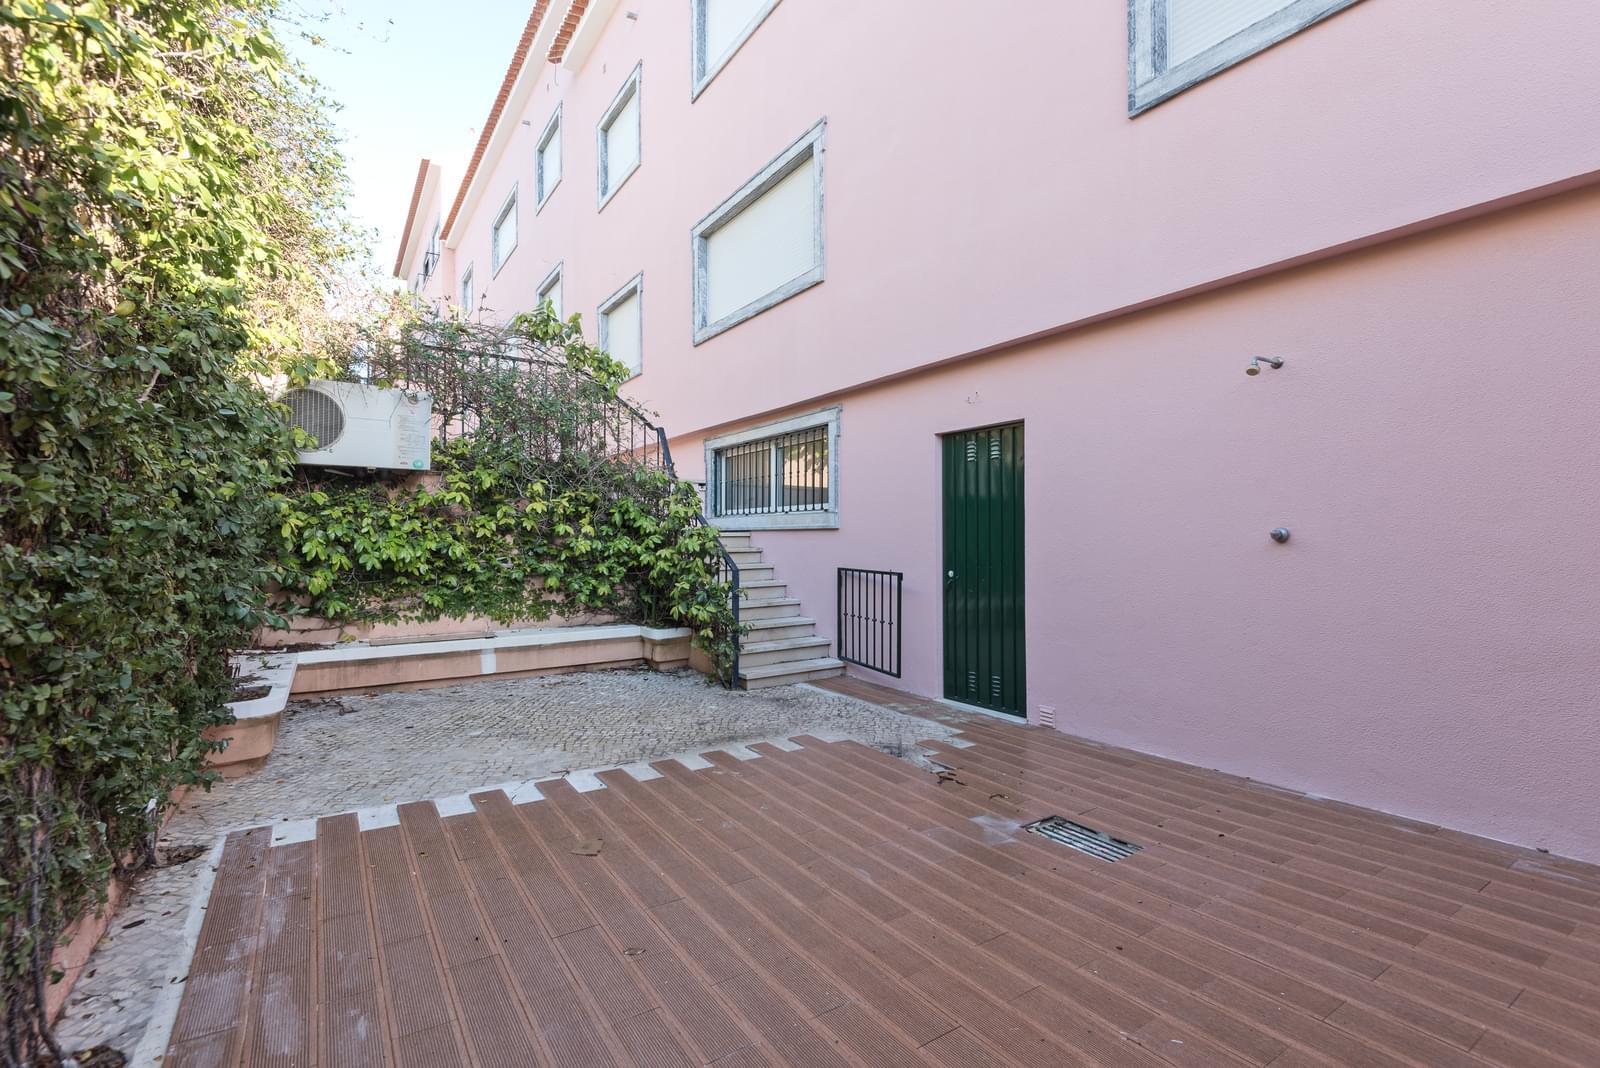 pf18956-apartamento-t3-1-cascais-5560dad8-2986-4a6a-b271-f0e6bde323fb